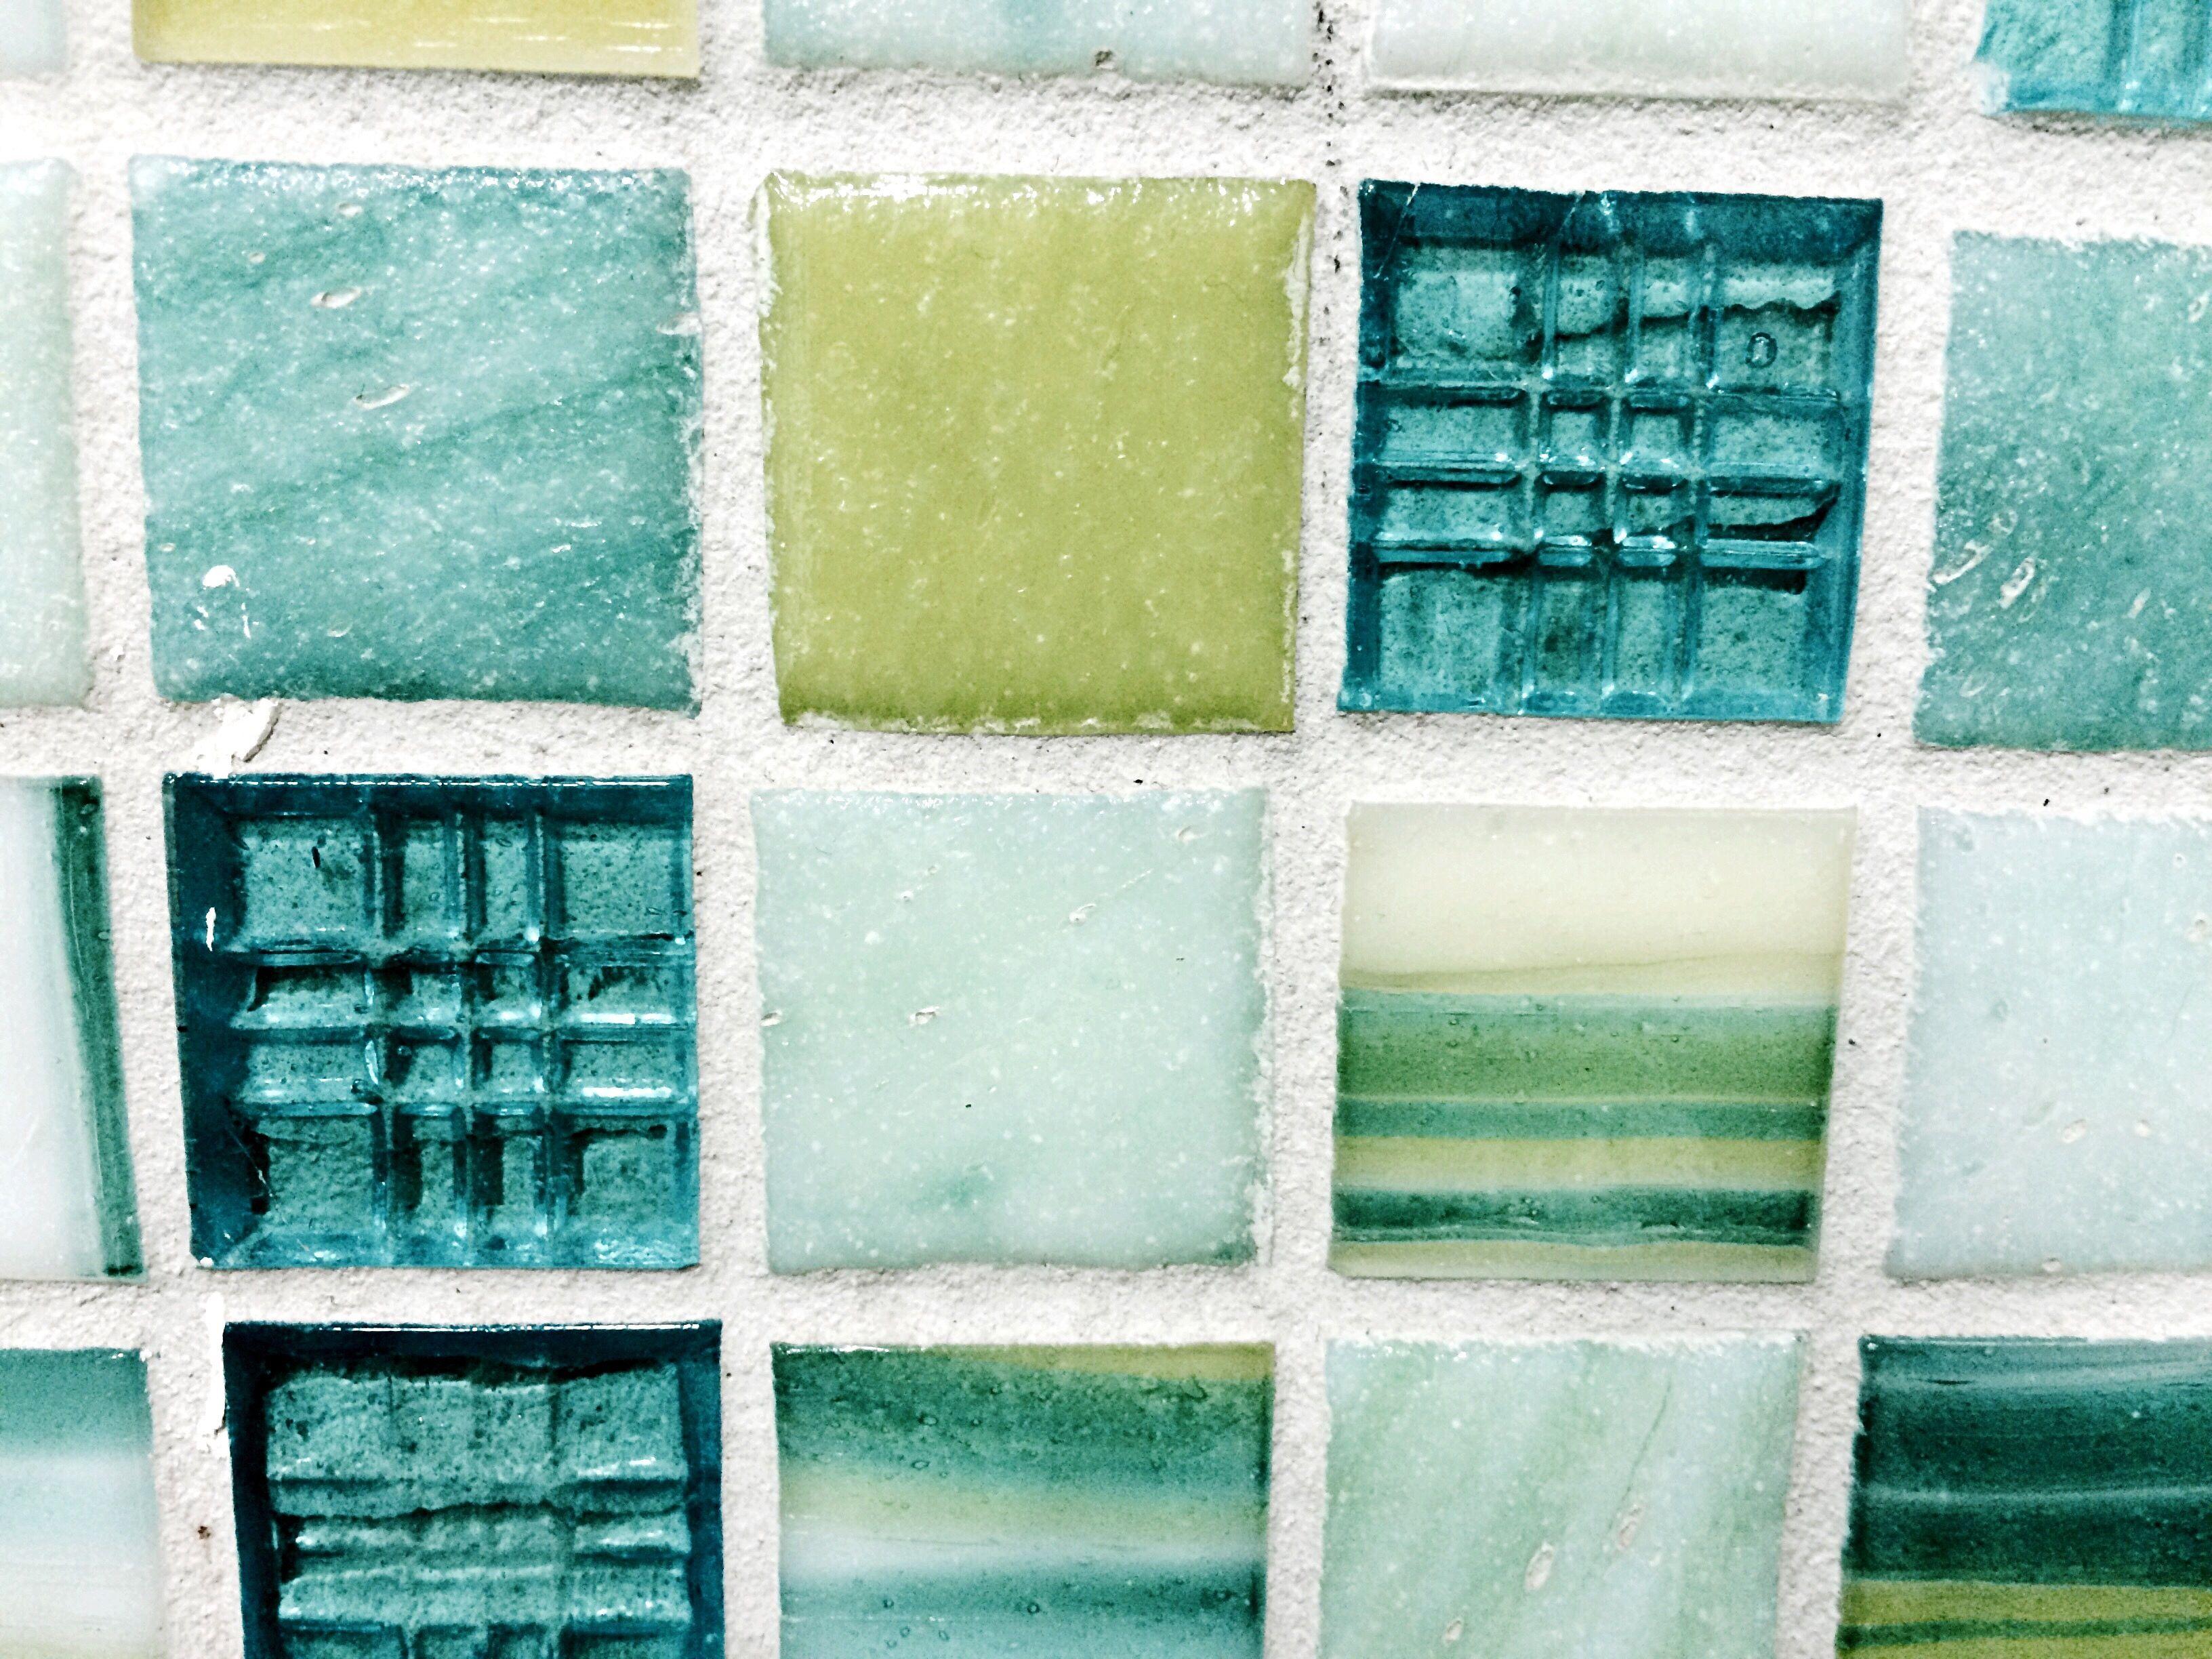 Azulejos de vidrio en una pared